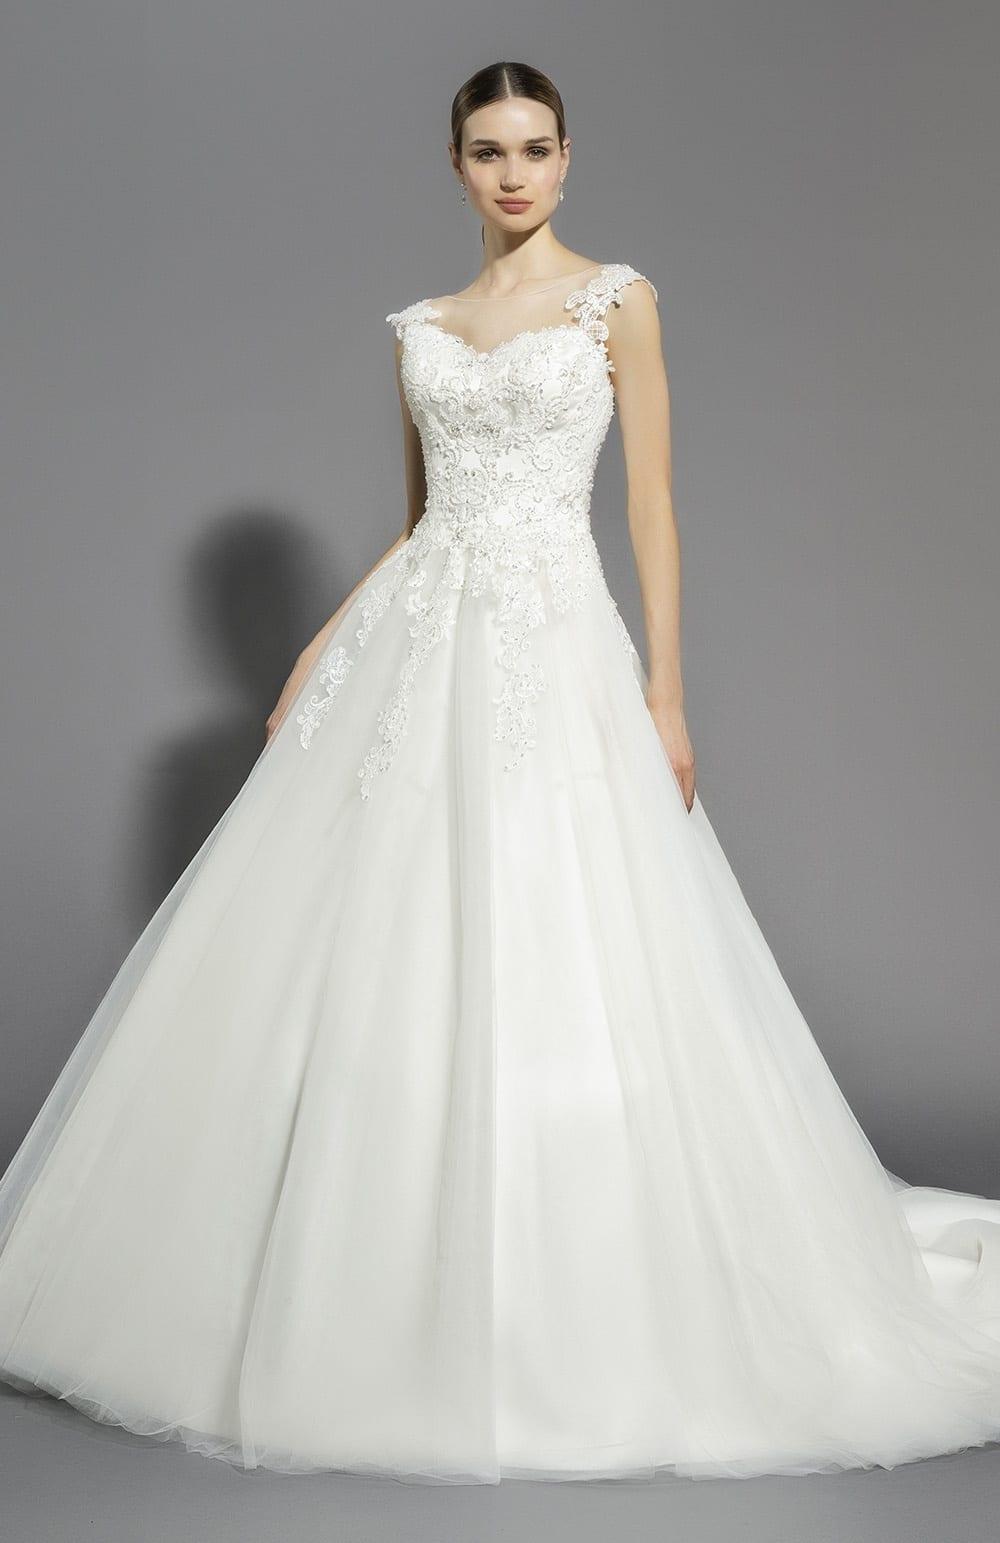 Robe de mariée Modèle Marcy